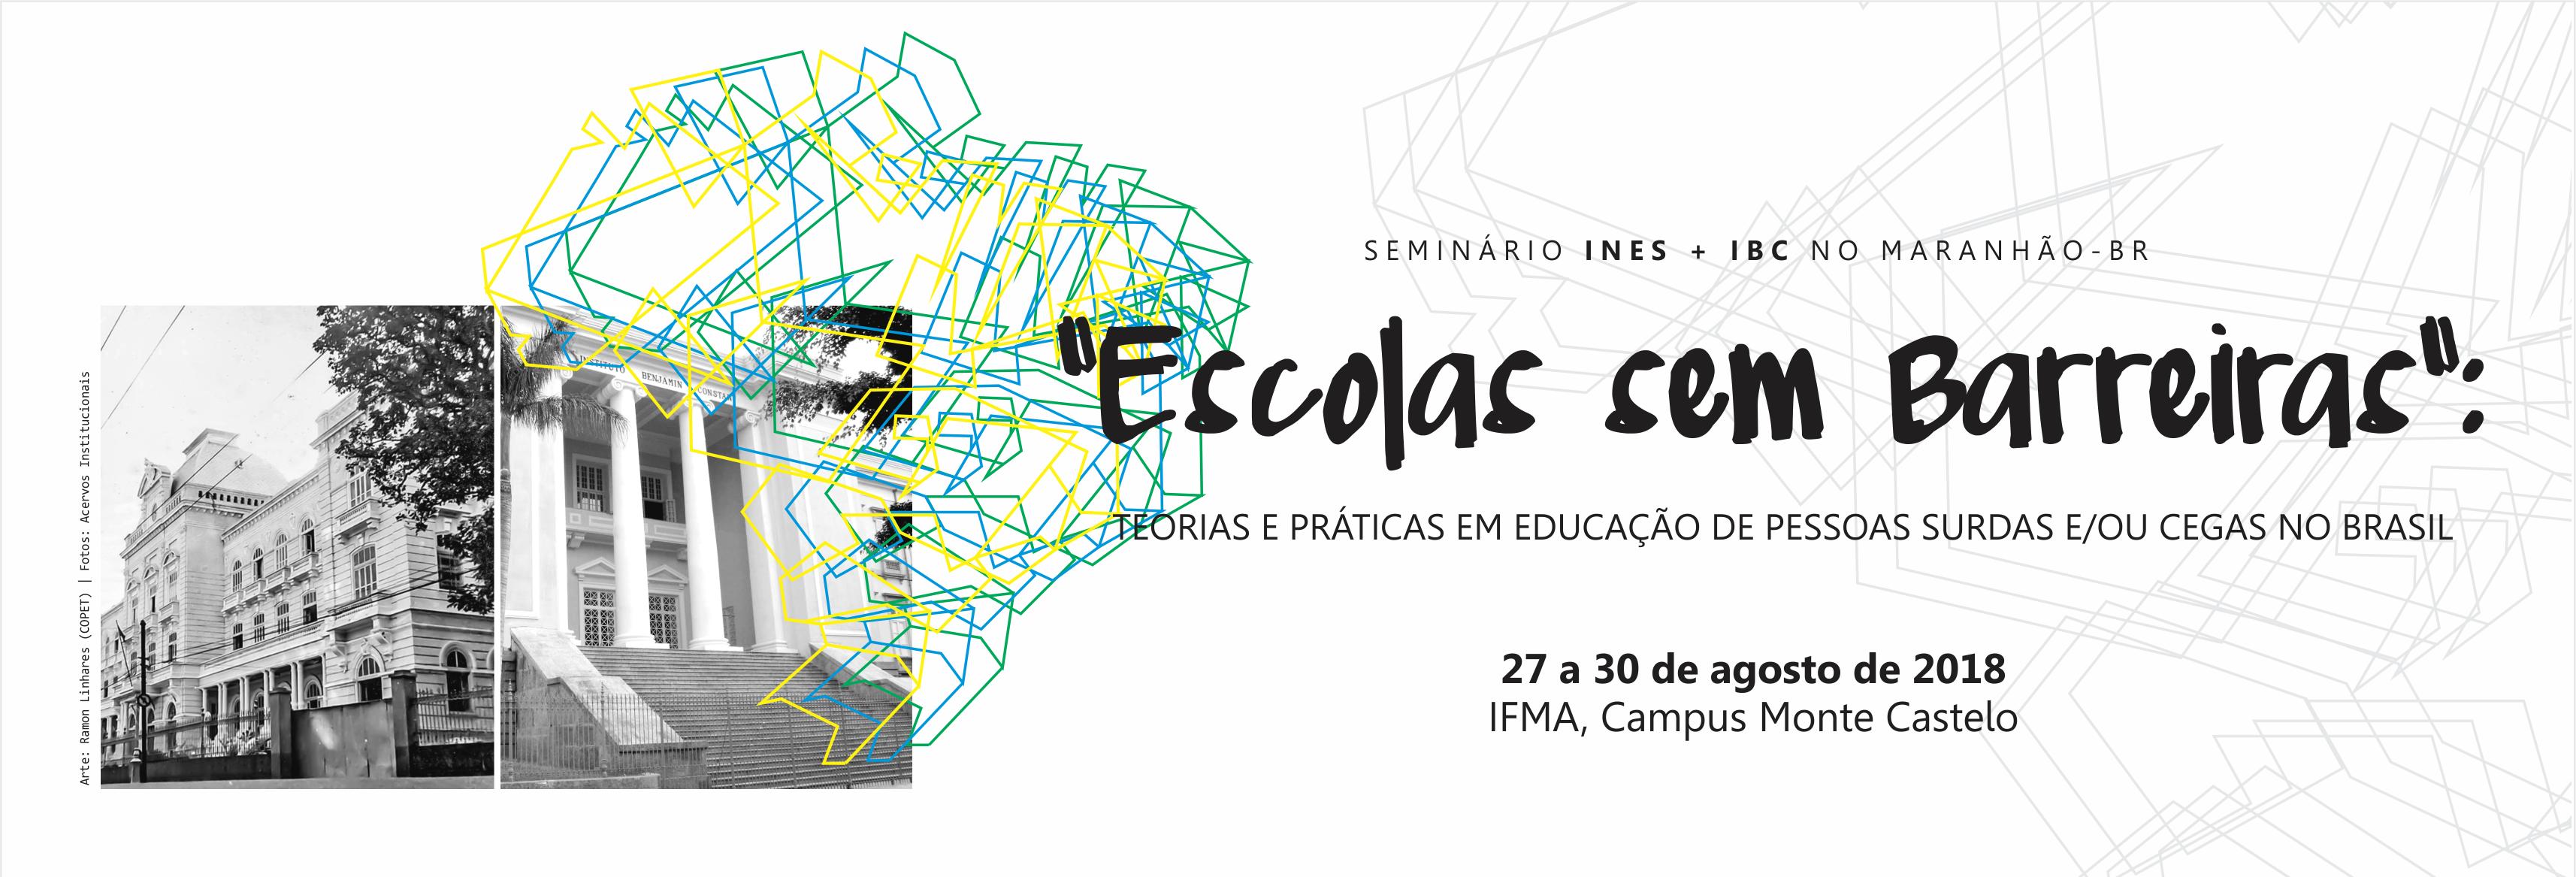 INES e IBC promovem seminário no Maranhão entre 27 e 30 de agosto